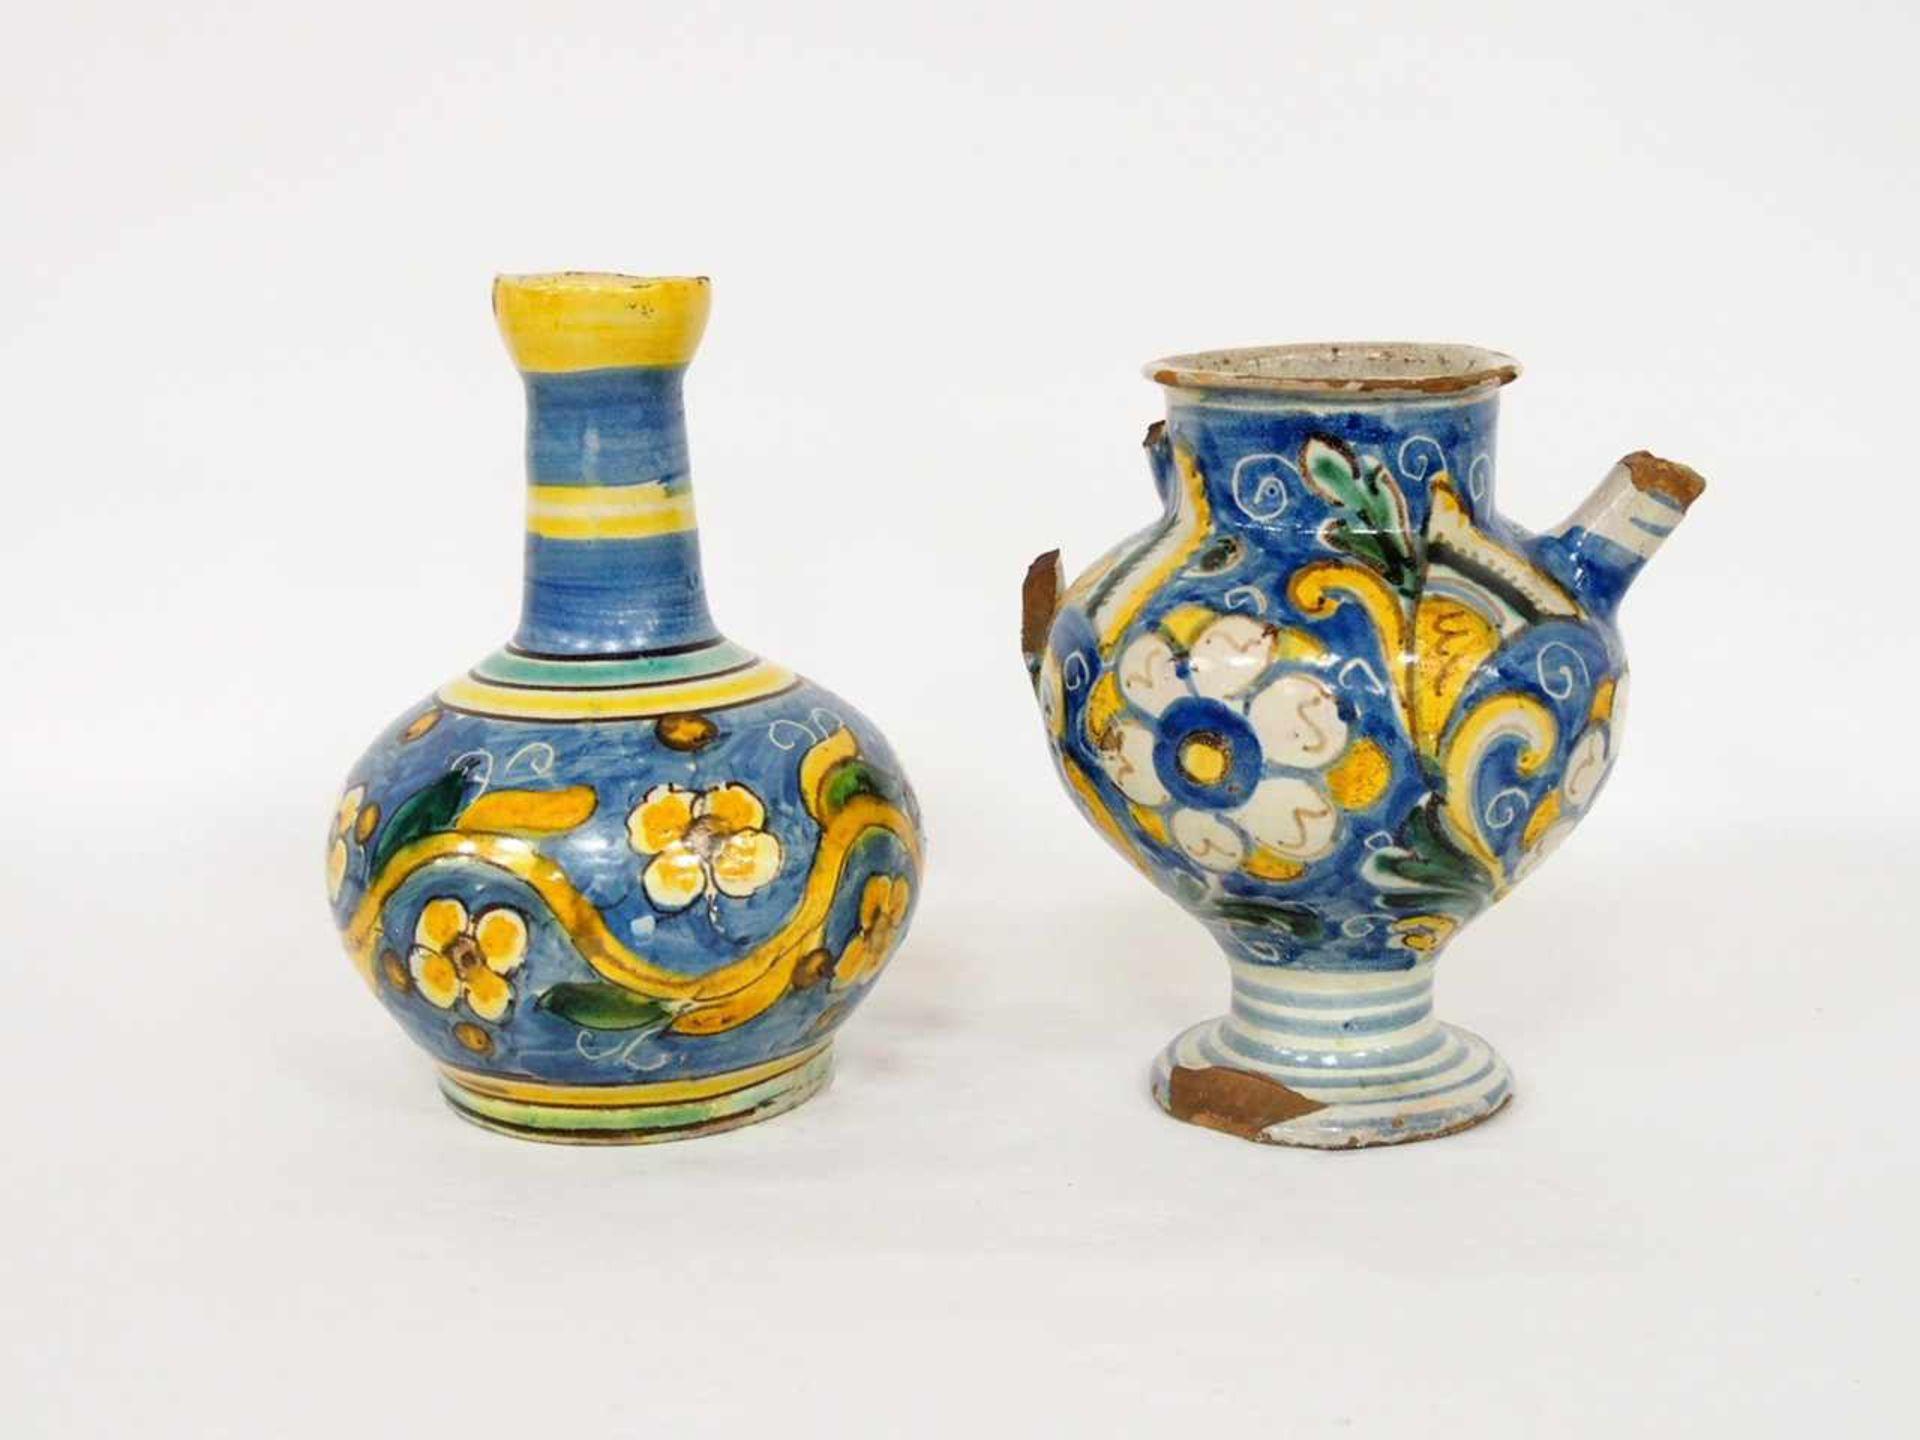 FlascheFayence, blauer Grund, Blumen und Ranken, Sizilien 19. Jahrhundert, Höhe 24 cm; Henkelkanne